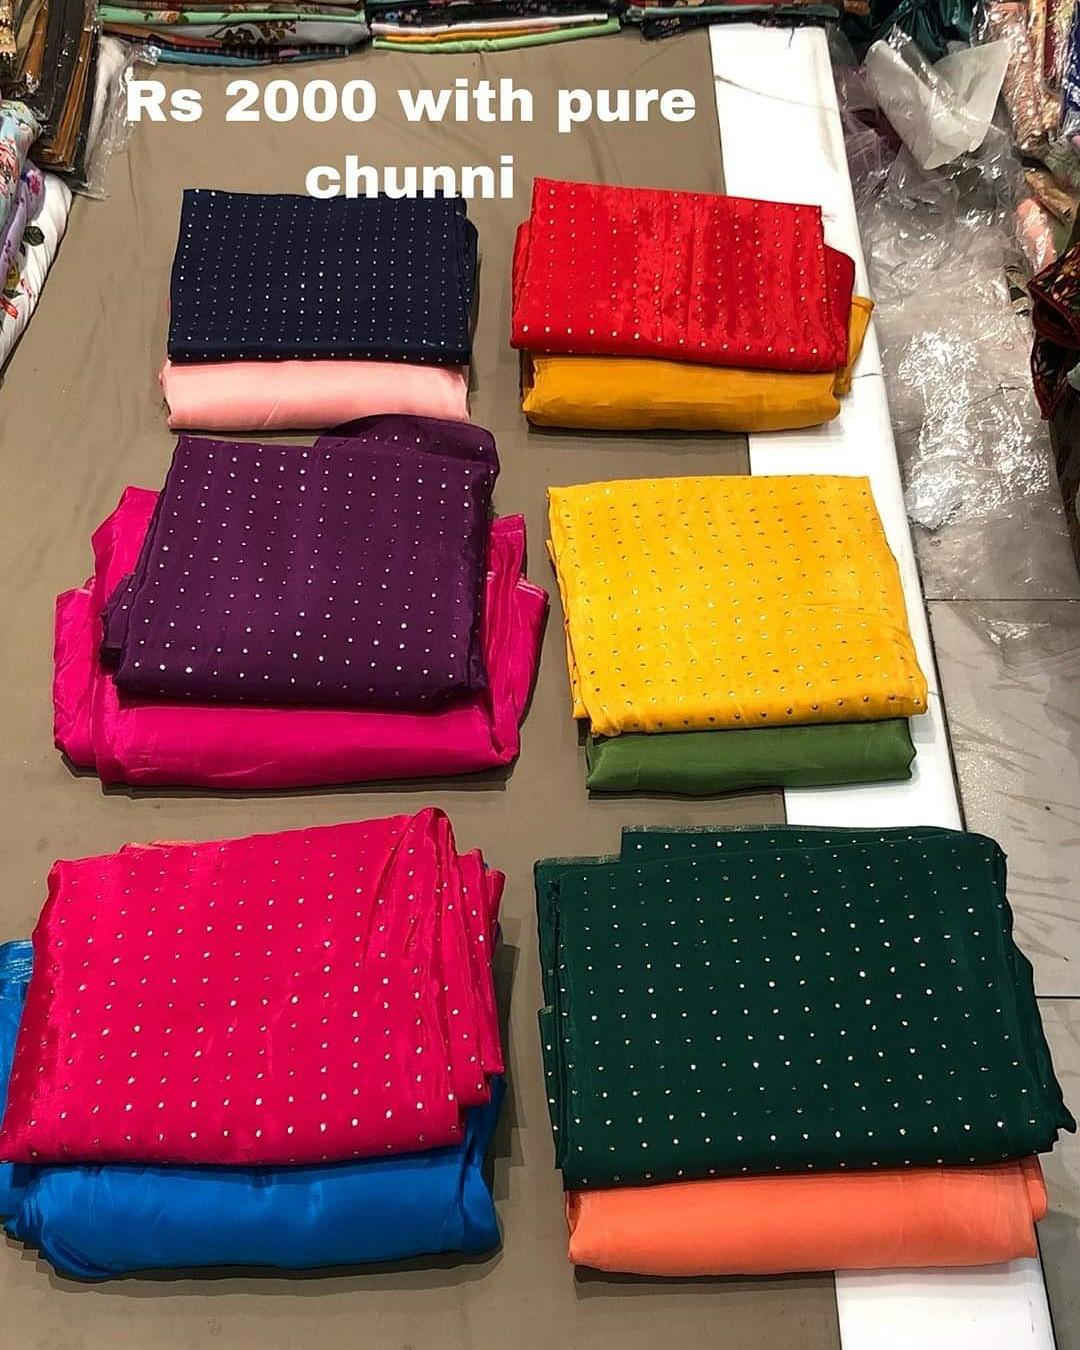 👡ਪੰਜਾਬੀ ਜੁੱਤੀ ਅਤੇ ਸੂਟ - Rs 2000 with pure chunni - ShareChat